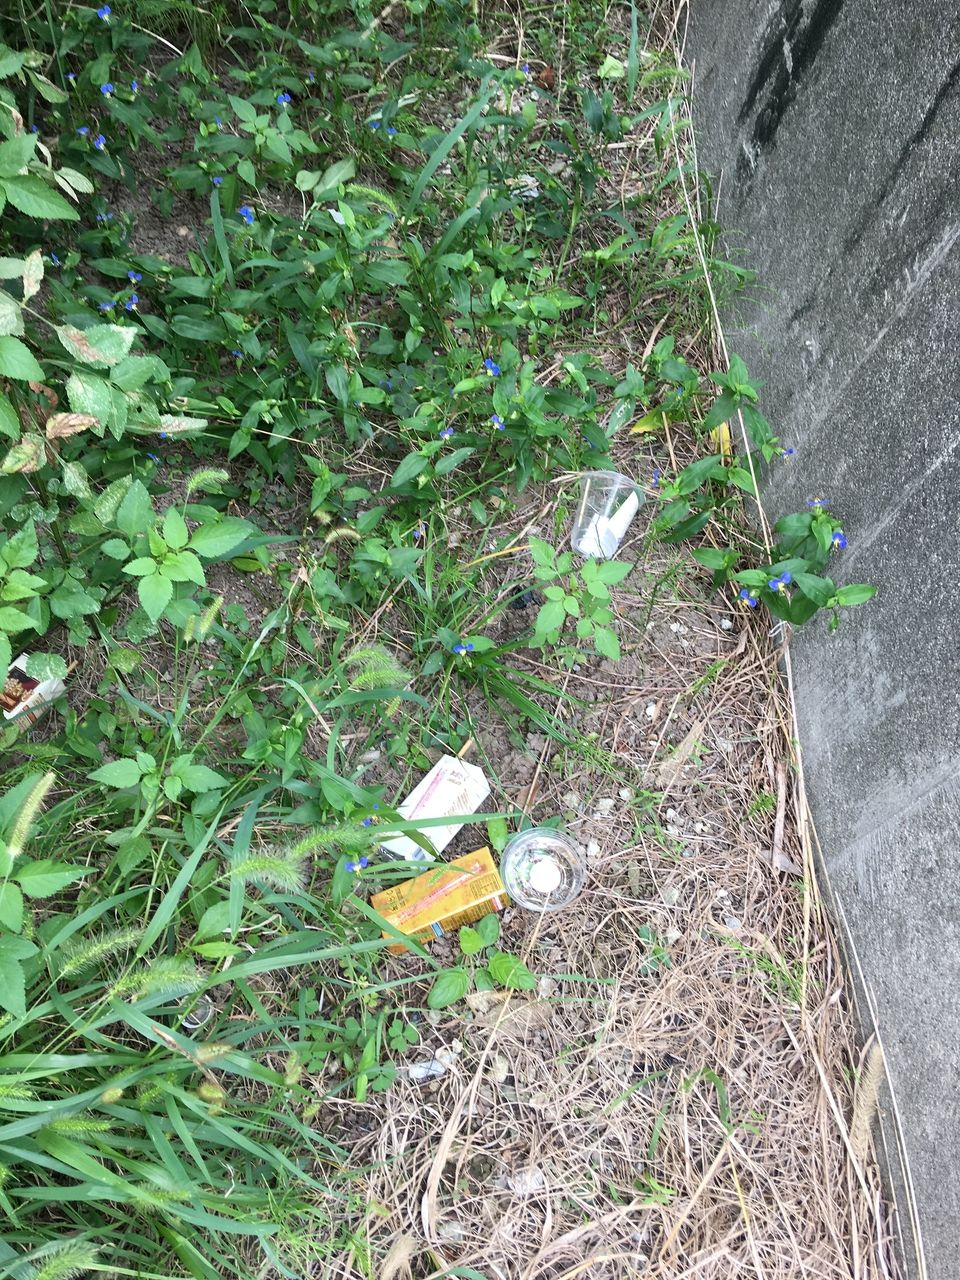 誰かが飲食しそのまま捨てていったゴミ